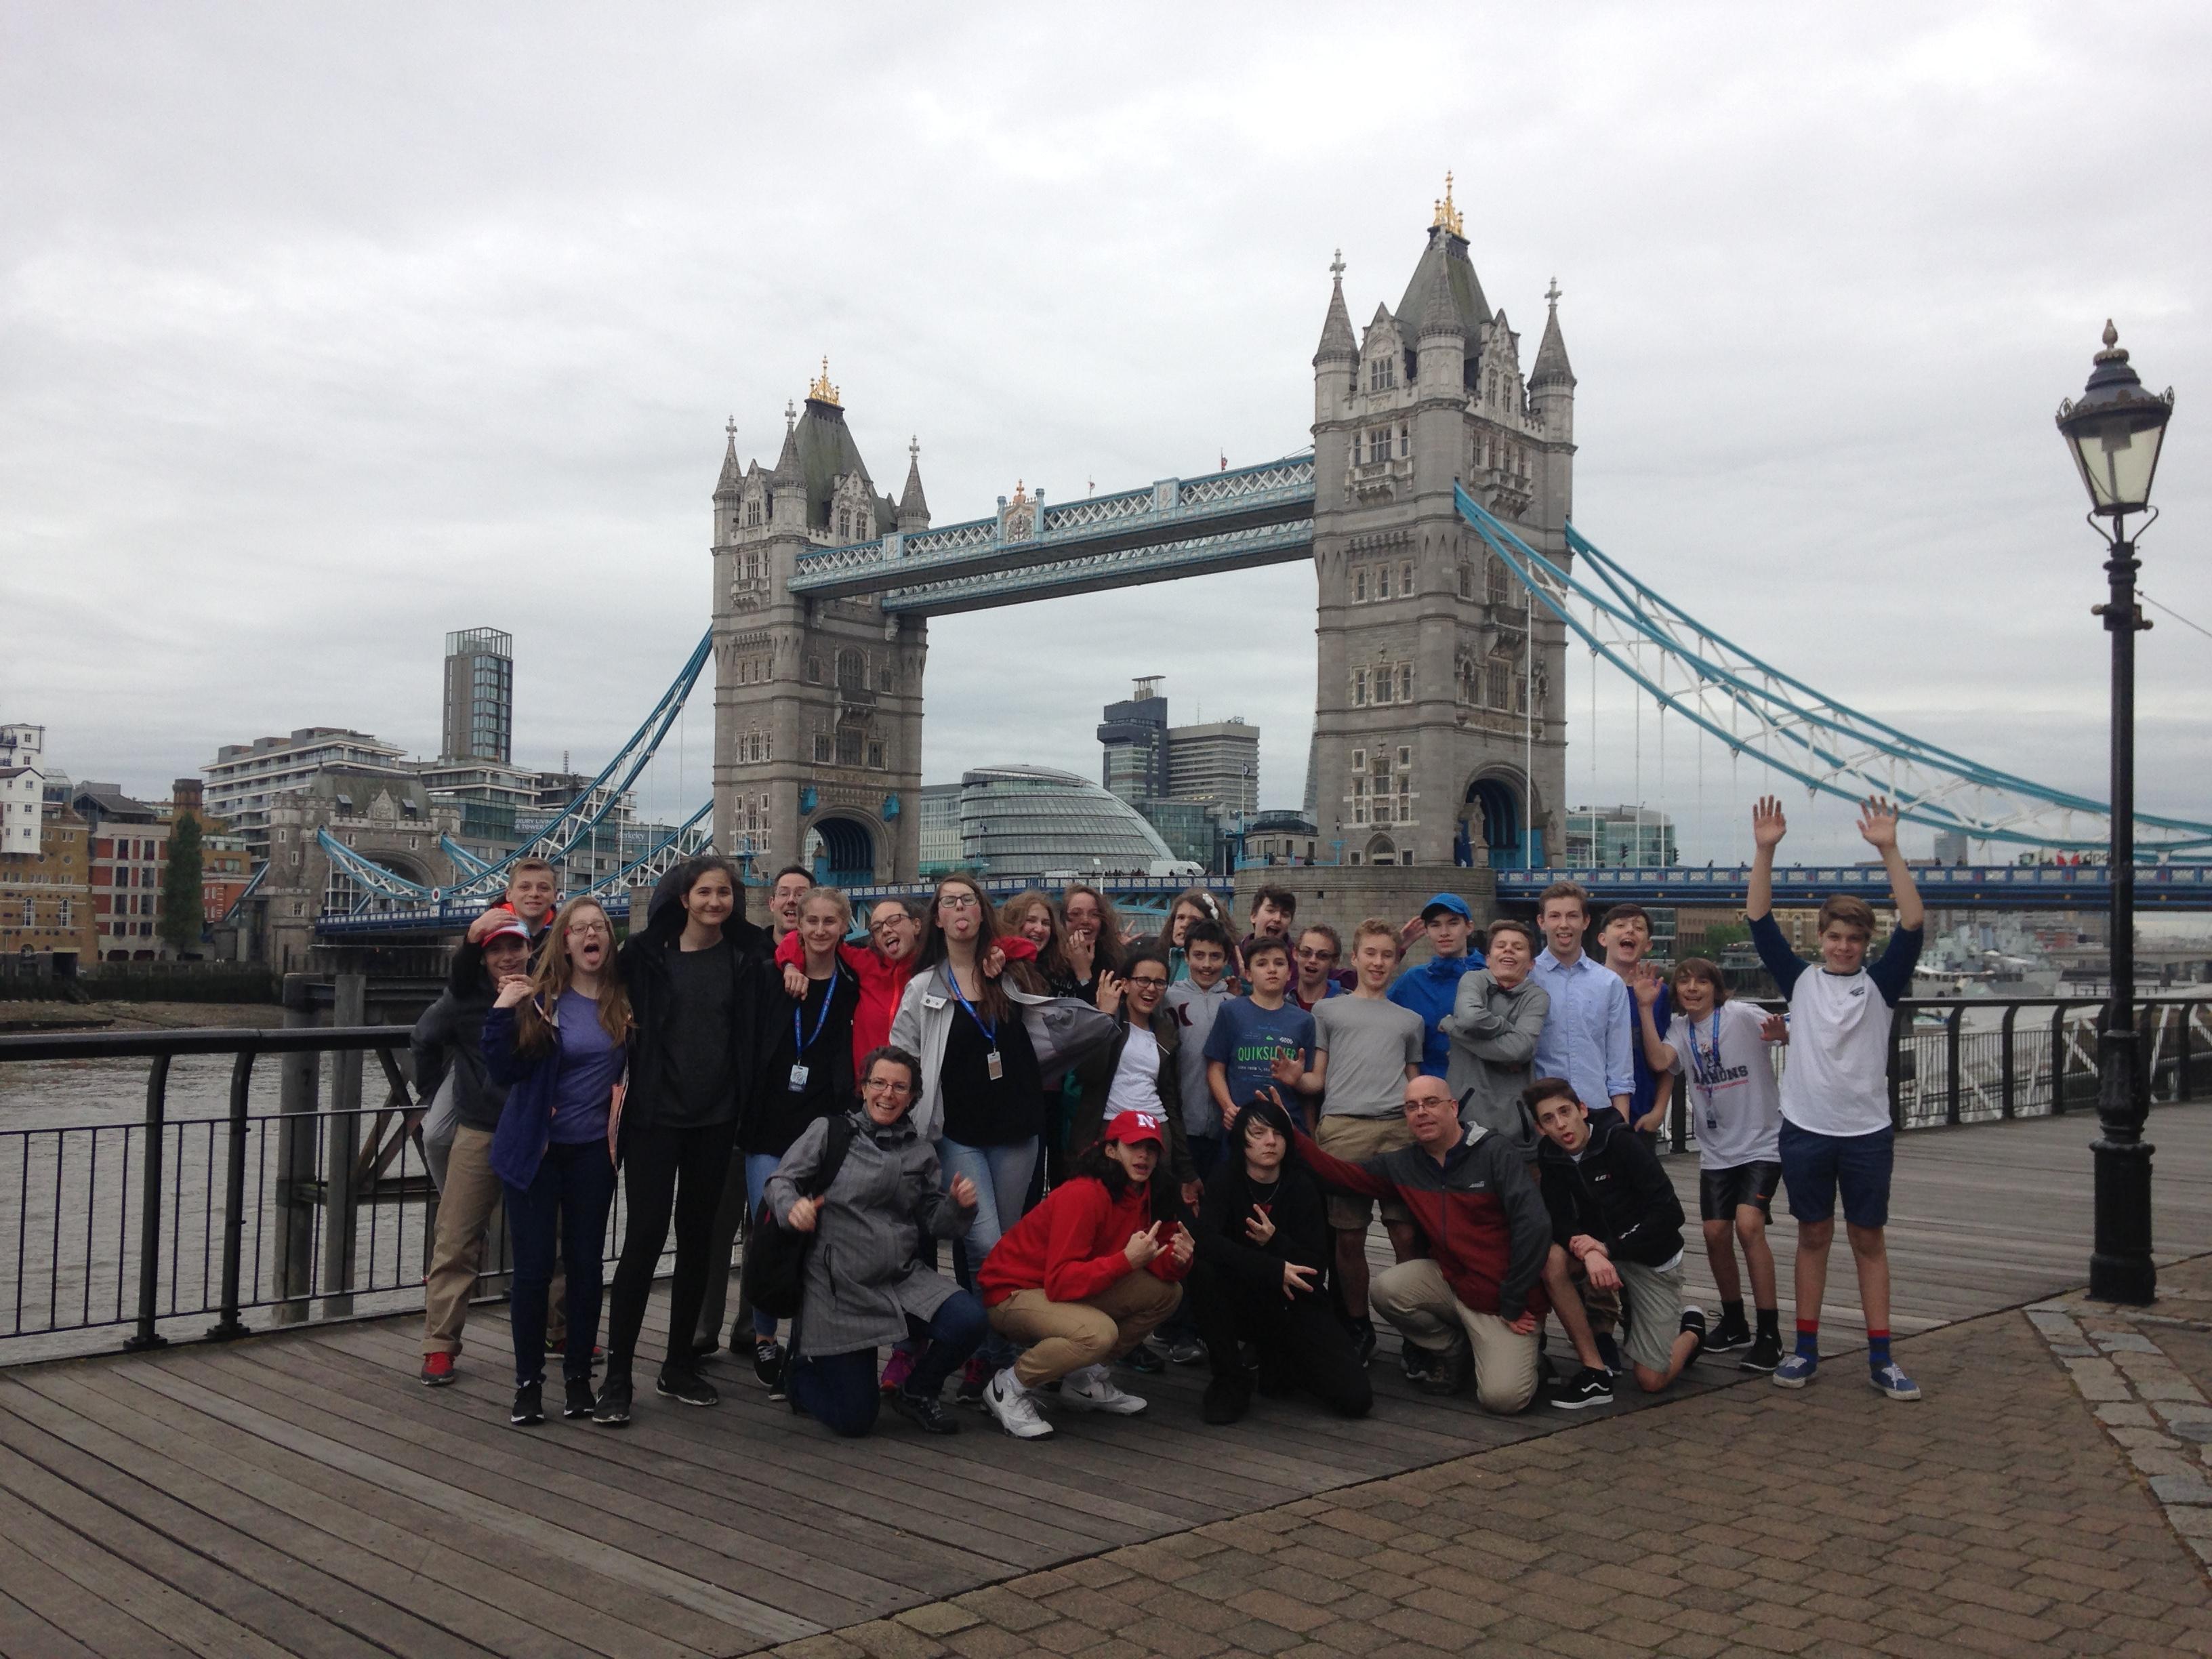 Groupe de jeunes devant le Tower Bridge